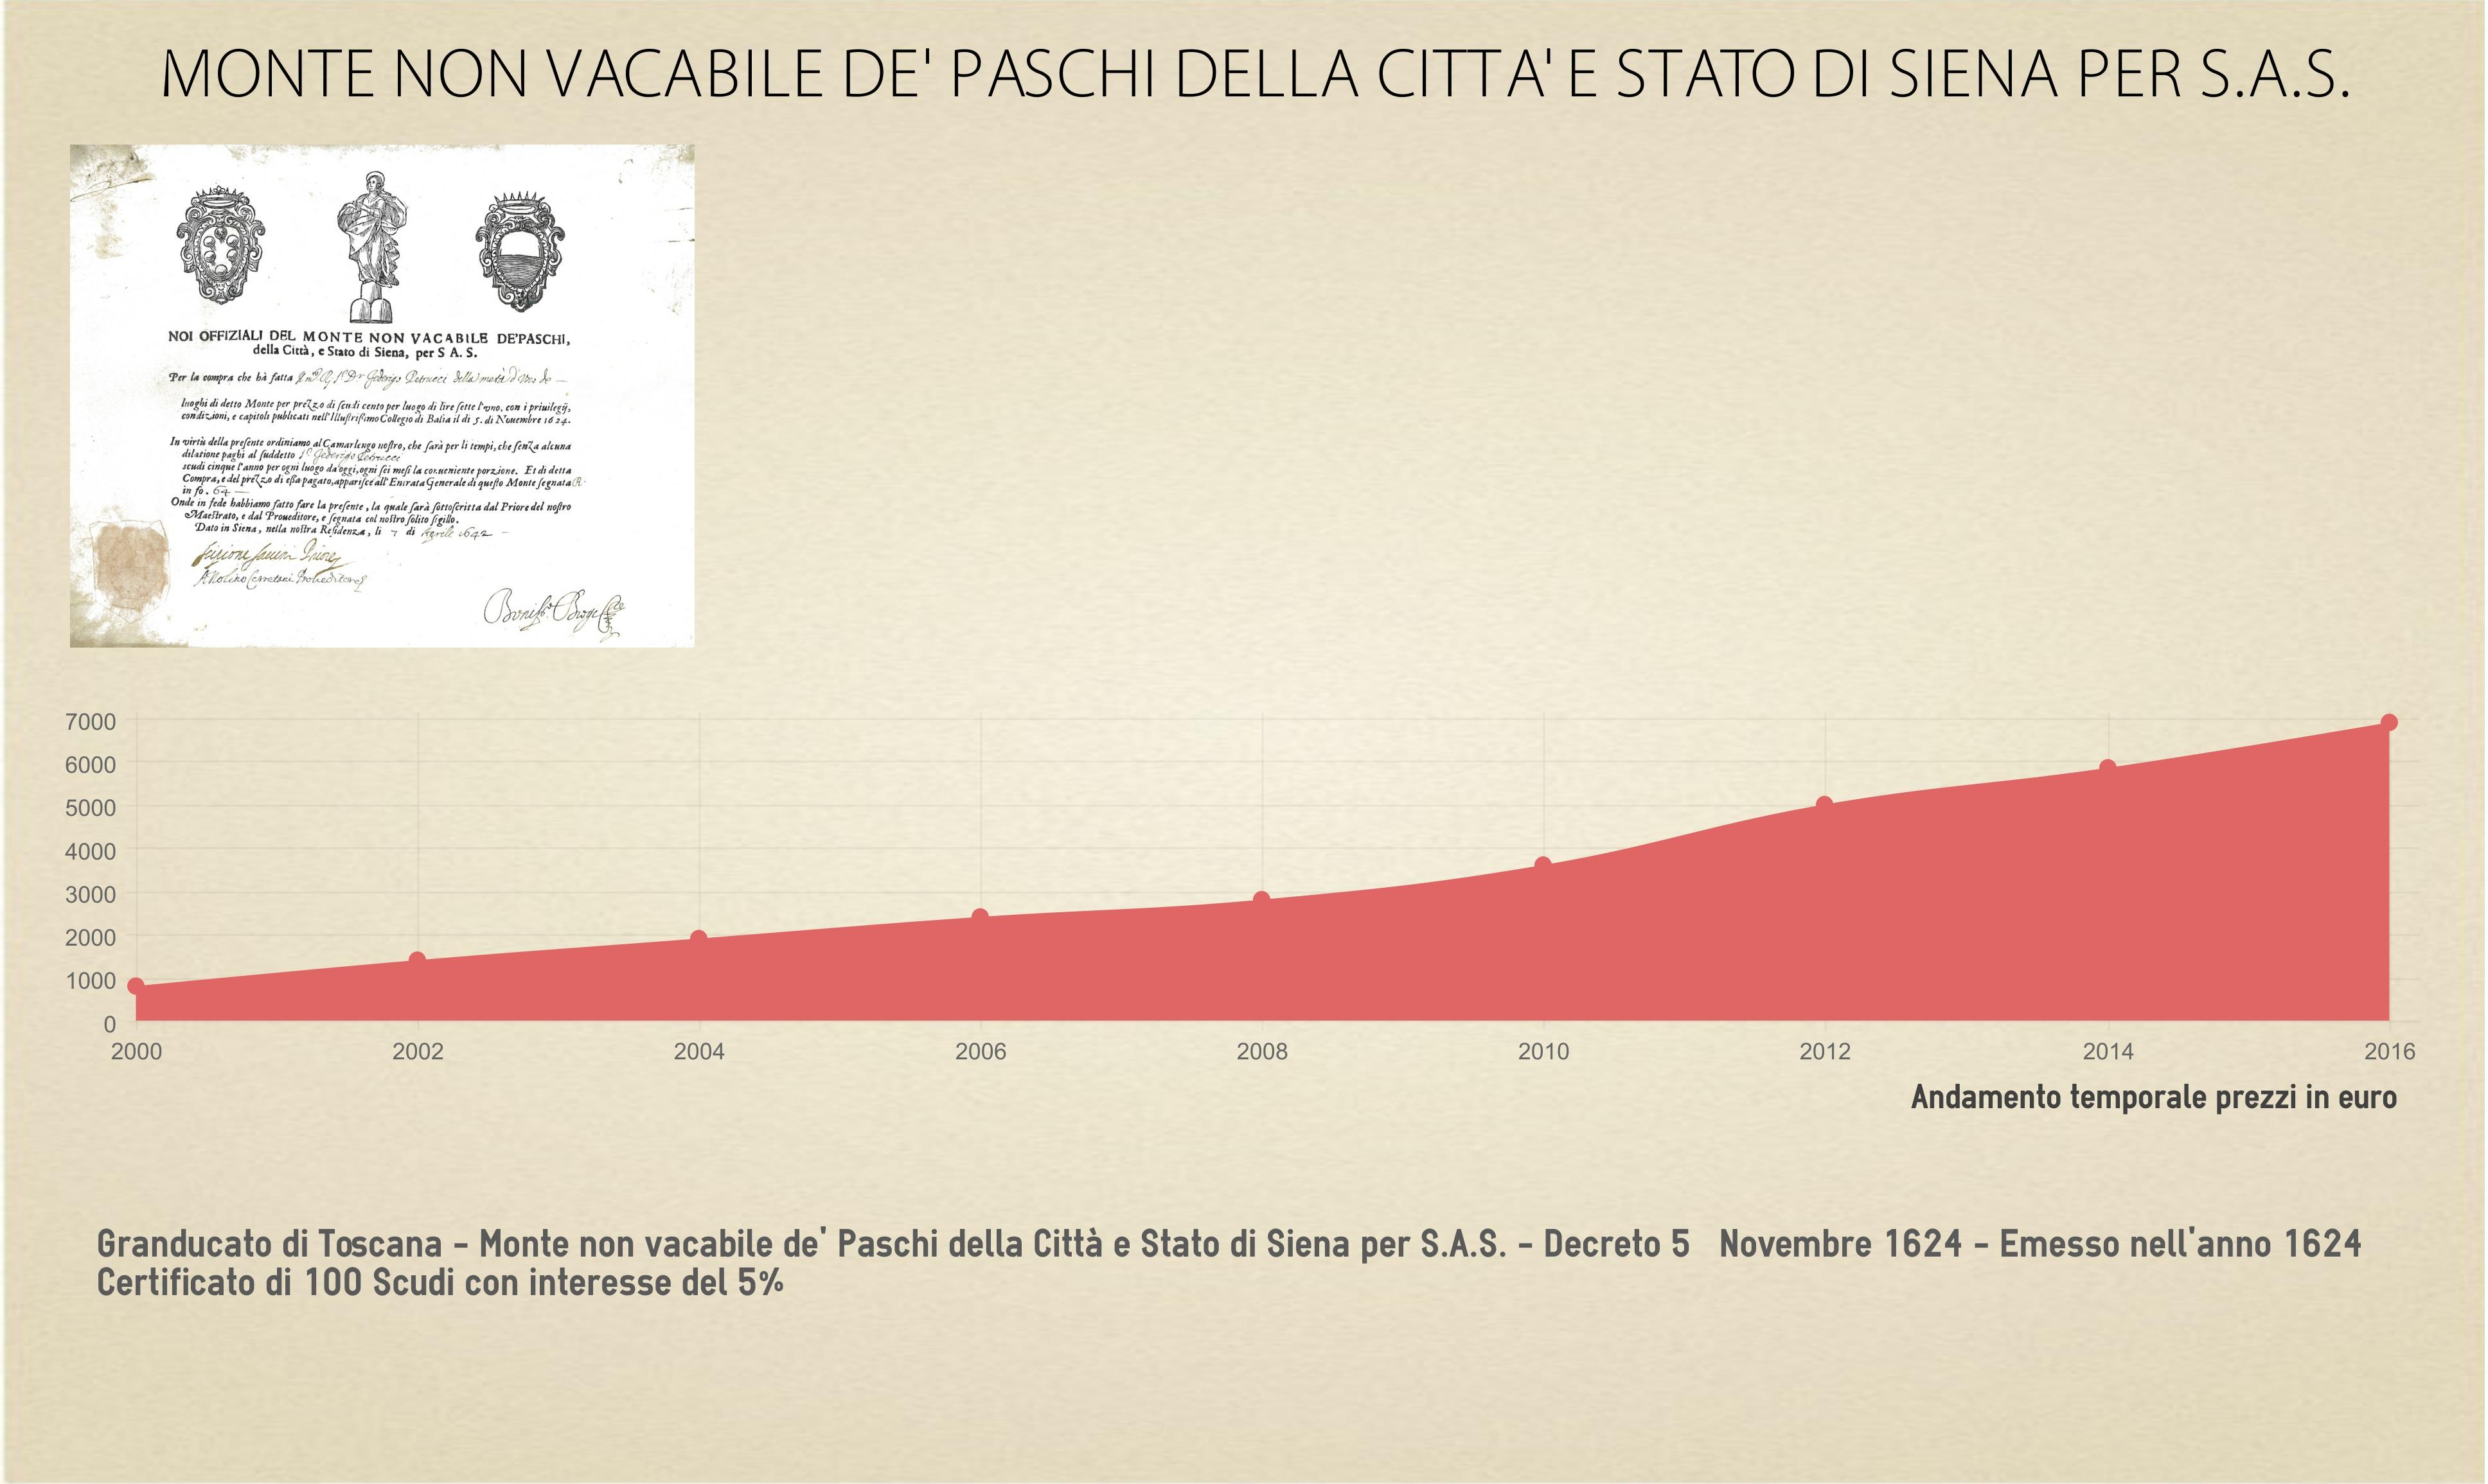 Andamento temporale titolo storico da collezione Monte de' Paschi di Siena